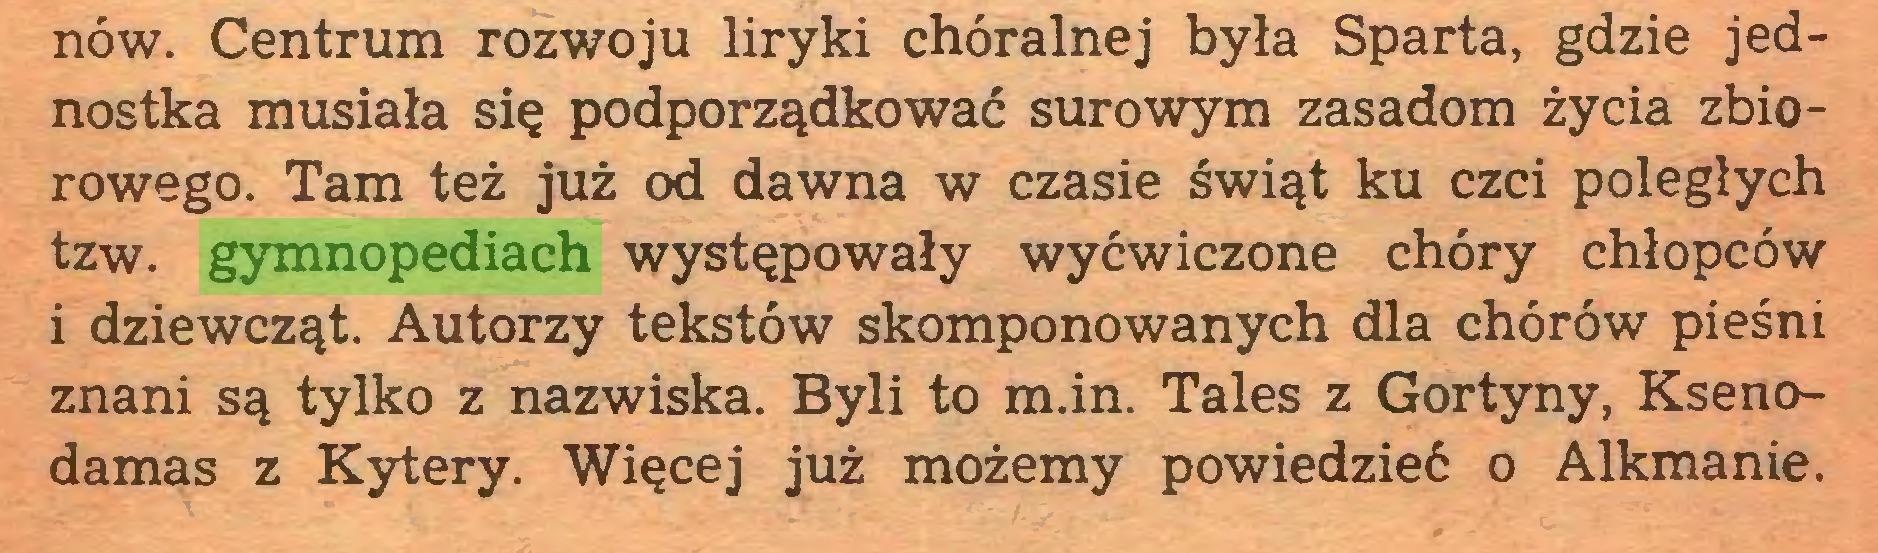 (...) nów. Centrum rozwoju liryki chóralnej była Sparta, gdzie jednostka musiała się podporządkować surowym zasadom życia zbiorowego. Tam też już od dawna w czasie świąt ku czci poległych tzw. gymnopediach występowały wyćwiczone chóry chłopców i dziewcząt. Autorzy tekstów skomponowanych dla chórów pieśni znani są tylko z nazwiska. Byli to m.in. Tales z Gortyny, Ksenodamas z Kytery. Więcej już możemy powiedzieć o Alkmanie...